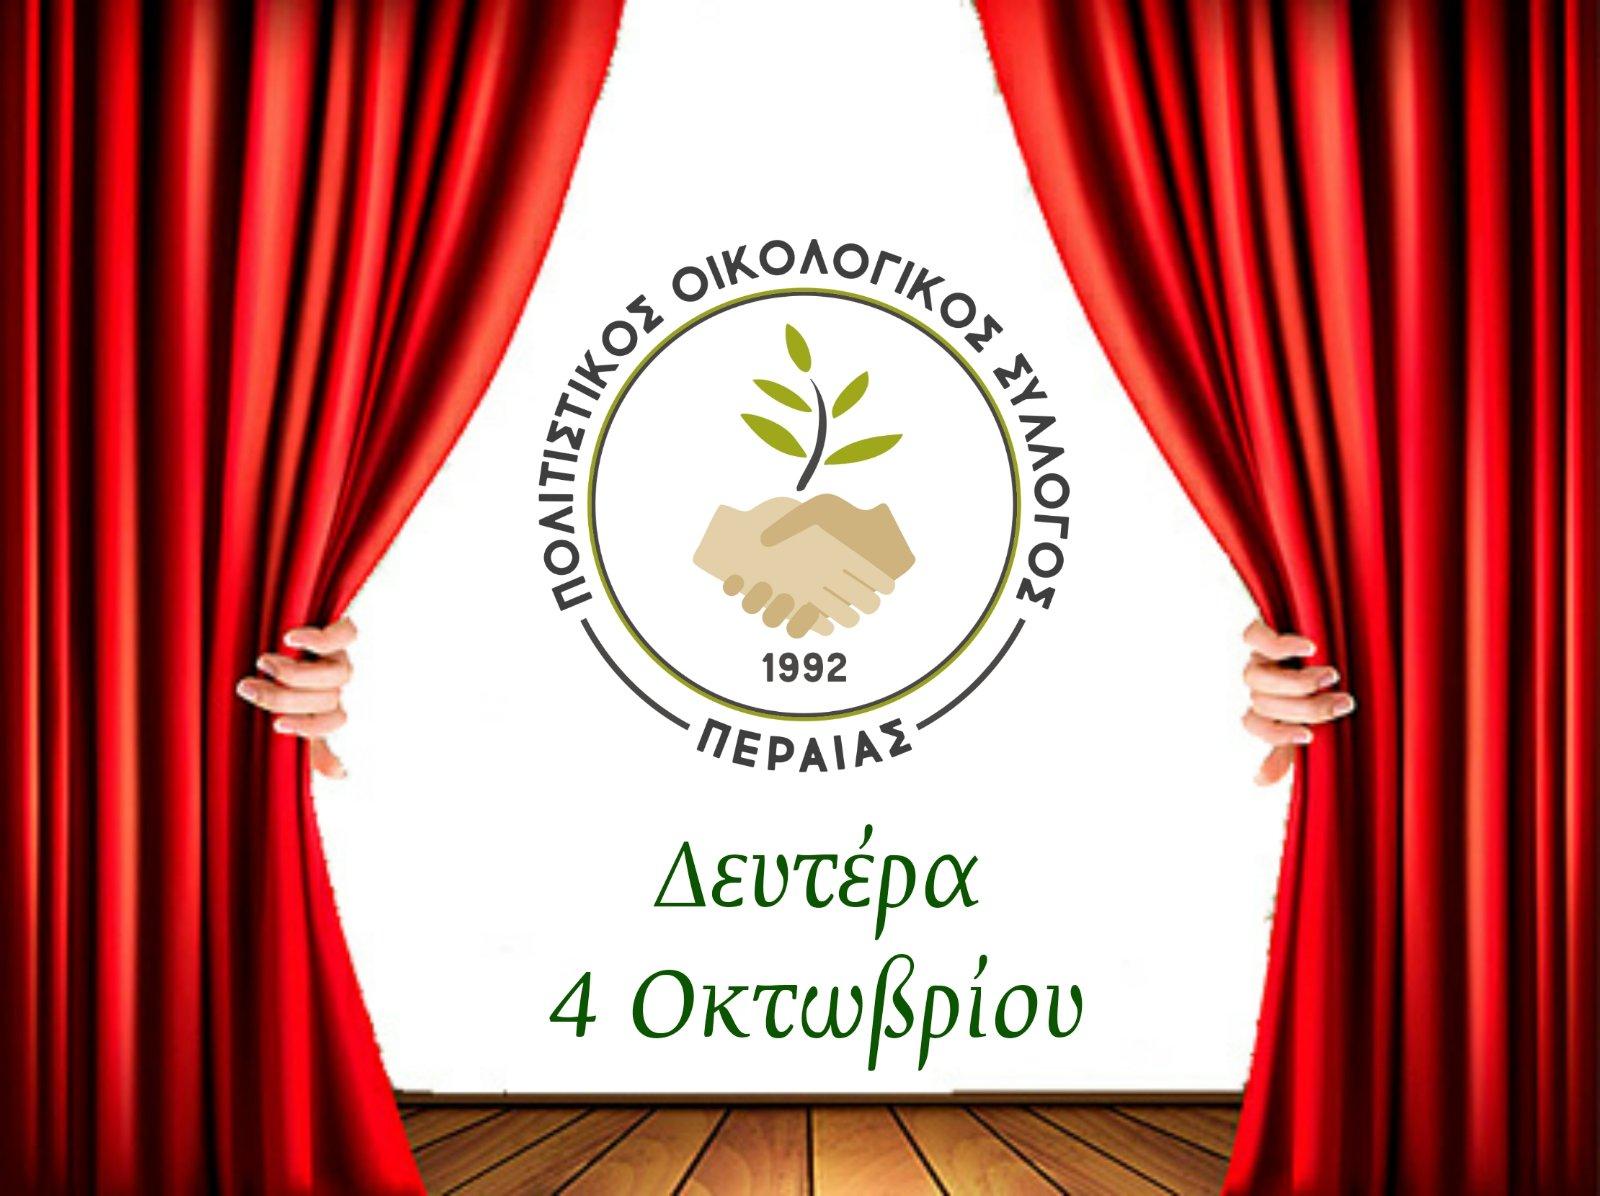 Στις 4 Οκτωβρίου ανοίγει ο Πολιτιστικός Οικολογικός Σύλλογος της Περαίας